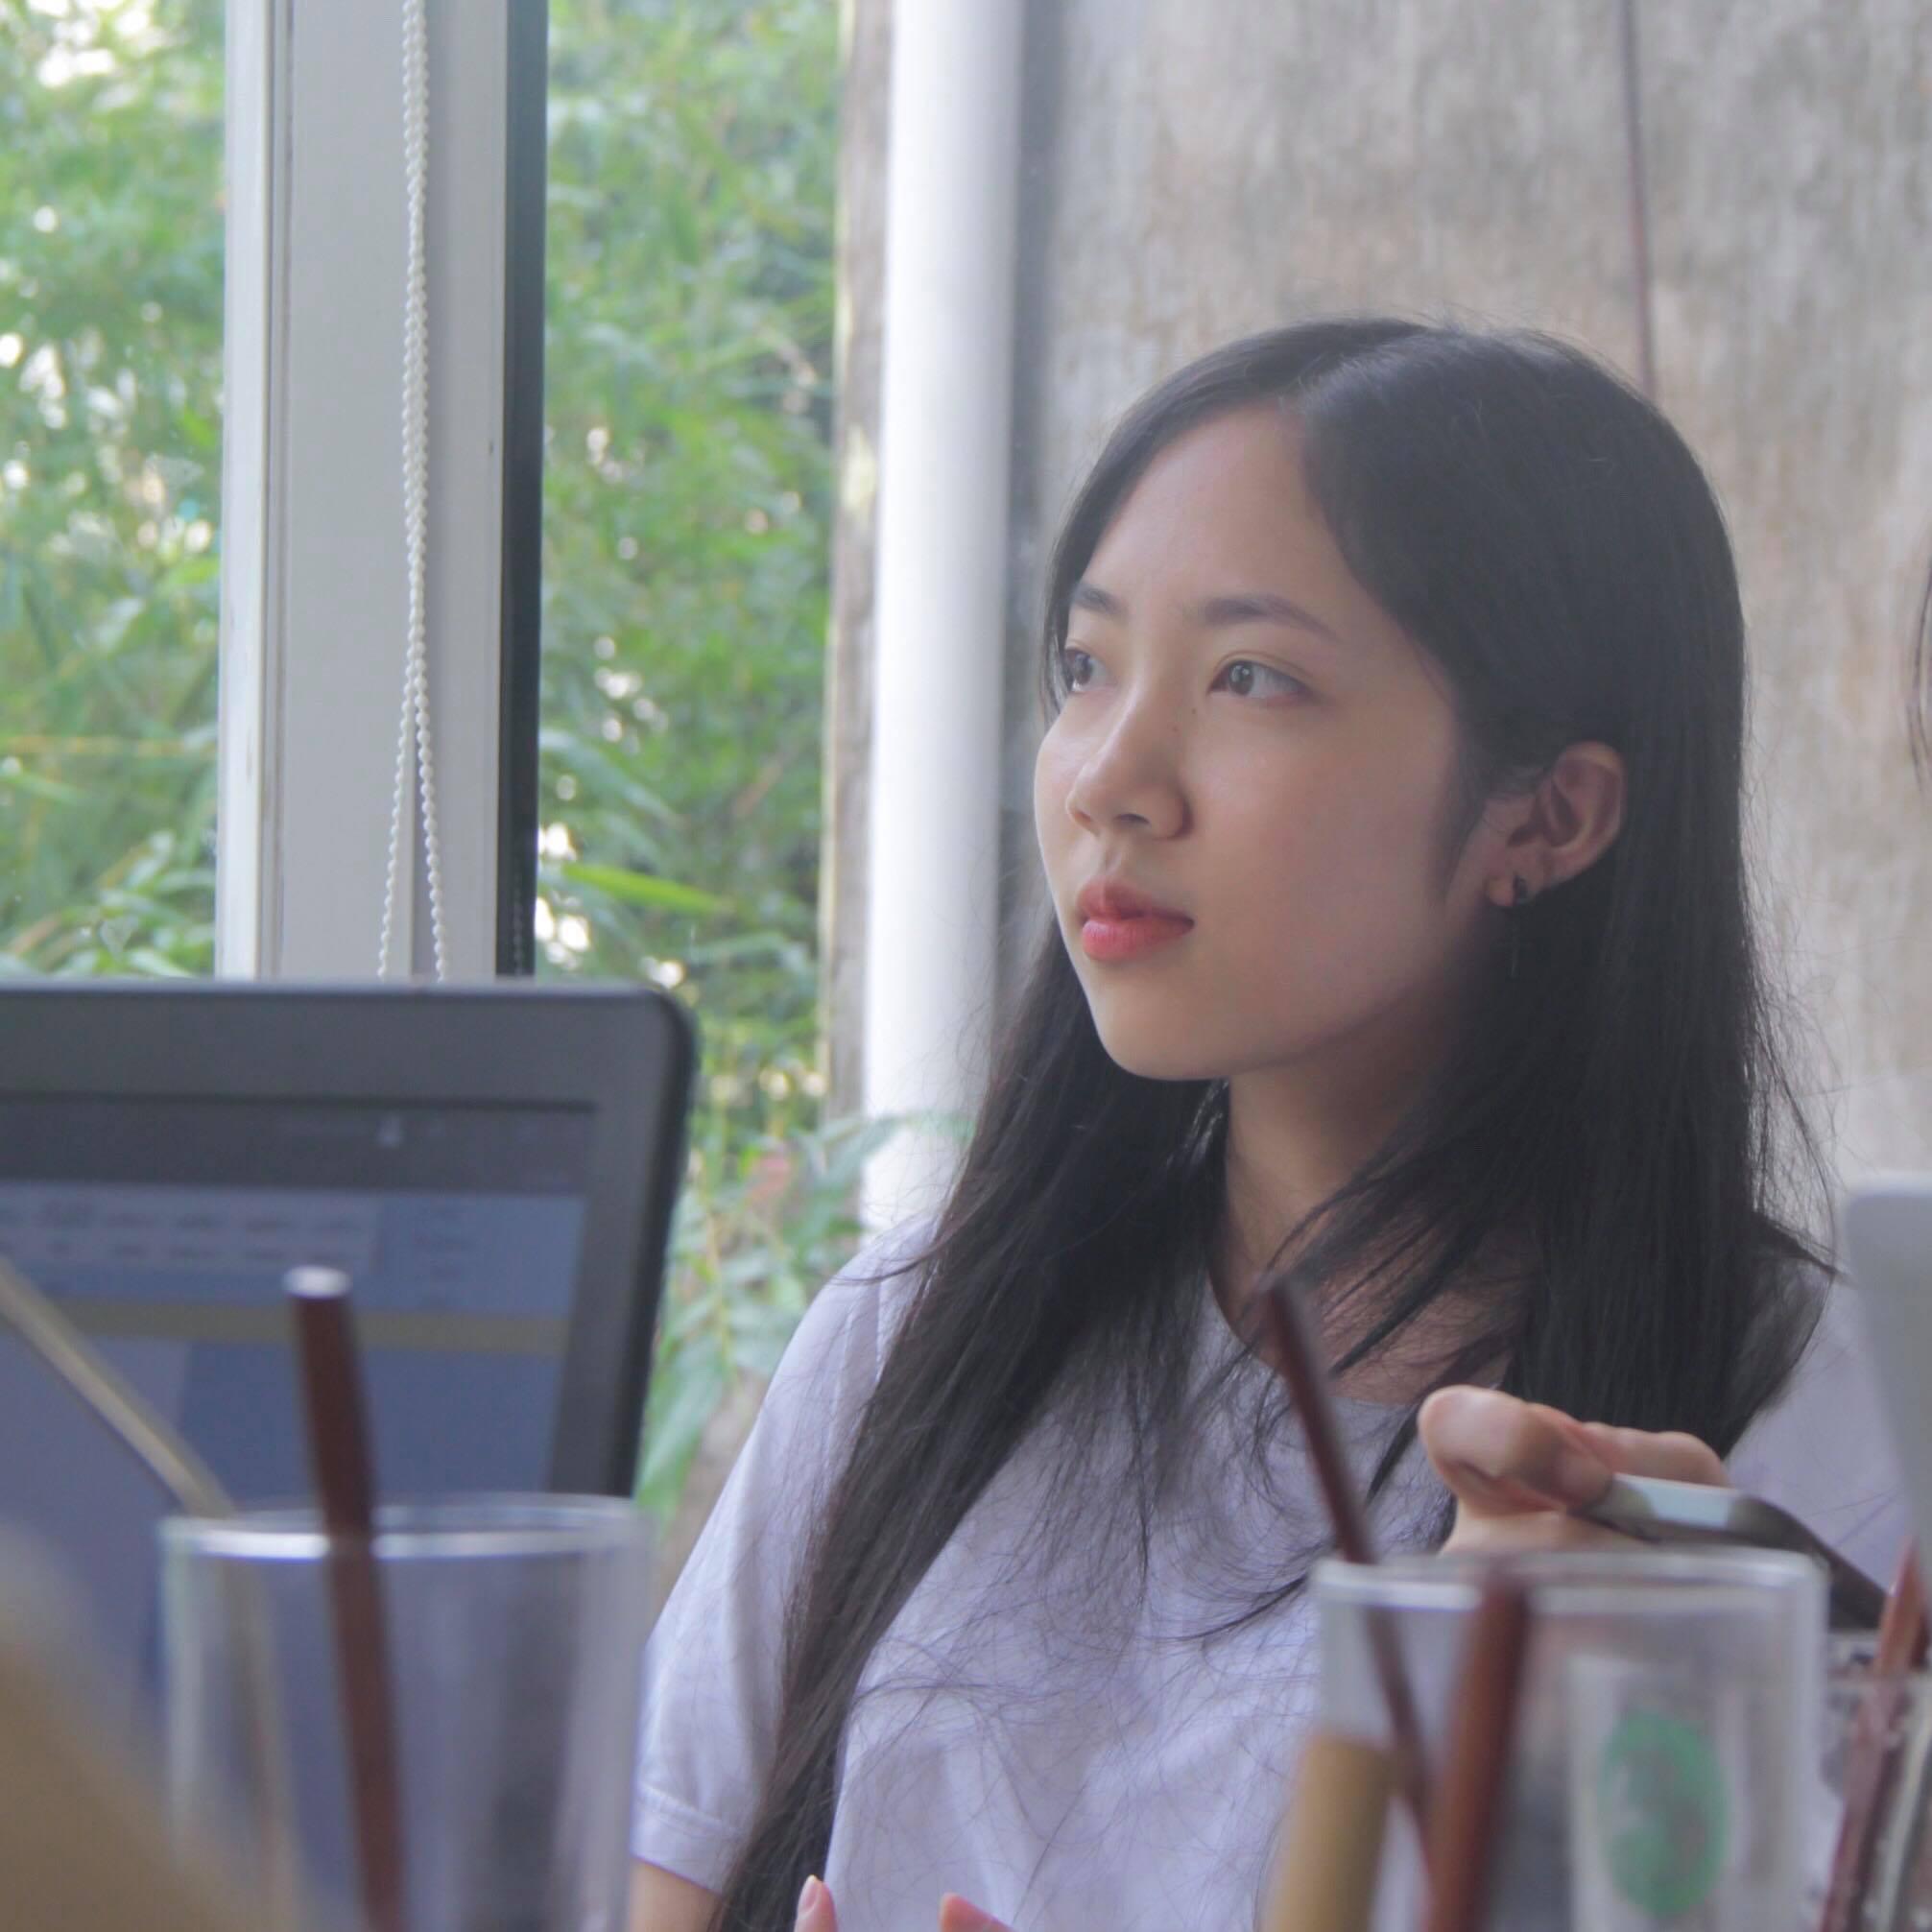 Lâm Thúy Ngọc (2001 - ĐH Ngoại thương) thấng 4 mới dậy đc